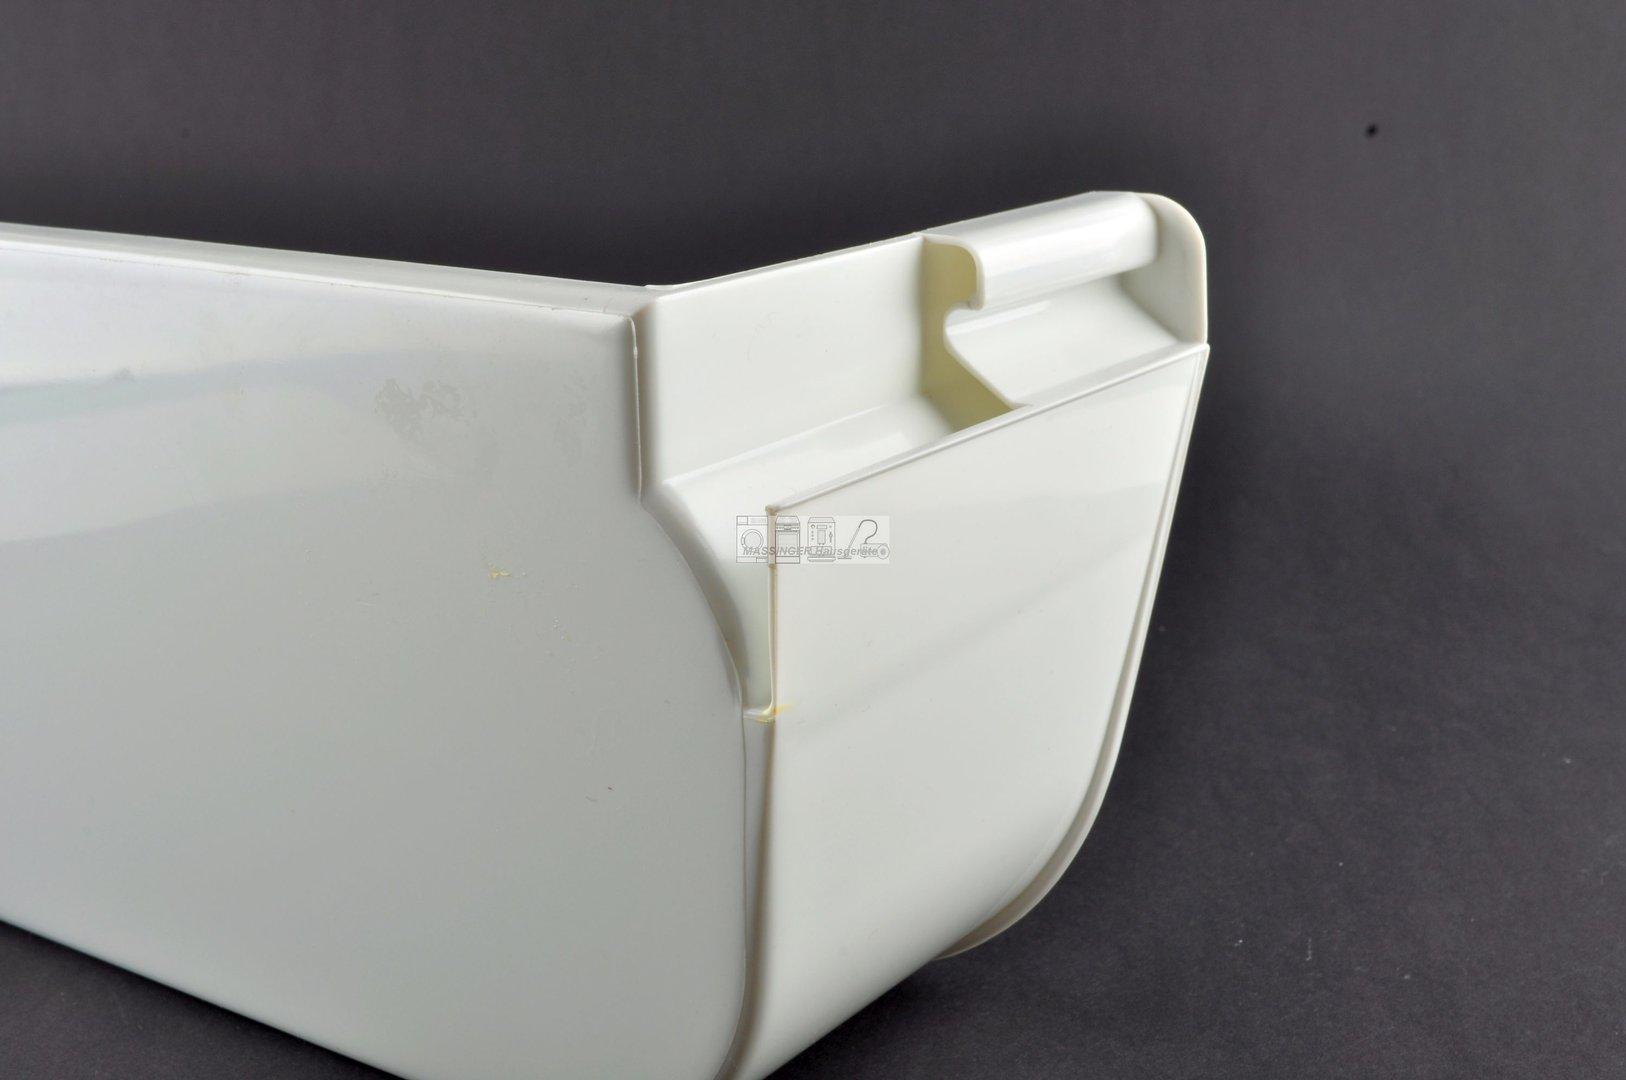 Privileg Juno Zanker Flaschenfach 430mm Kühlschrank - 50272964003